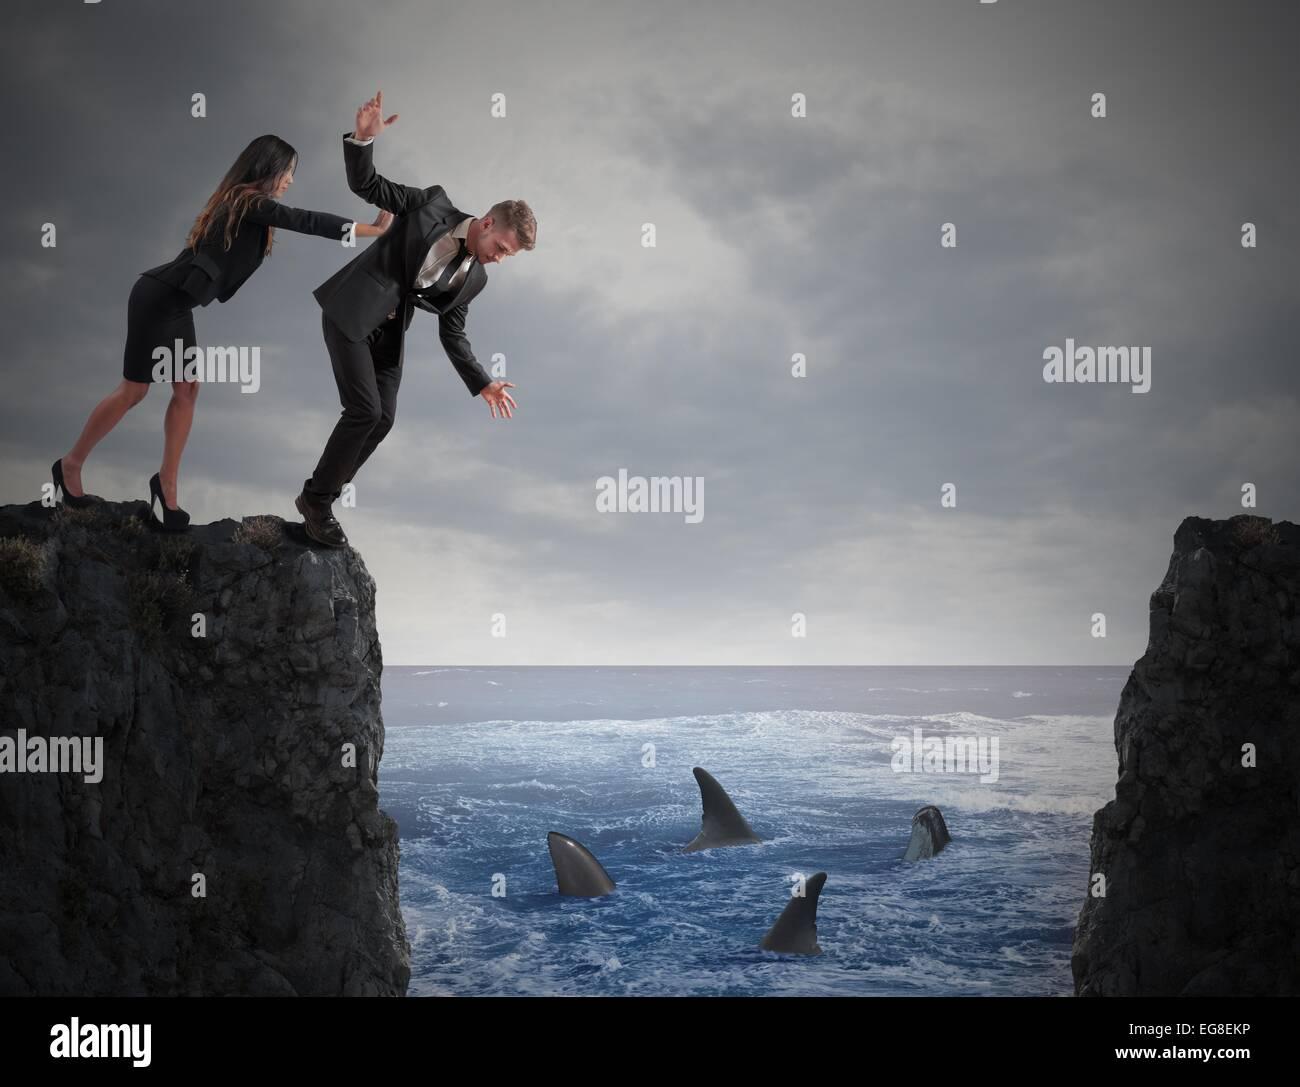 La rivalità tra colleghi Immagini Stock